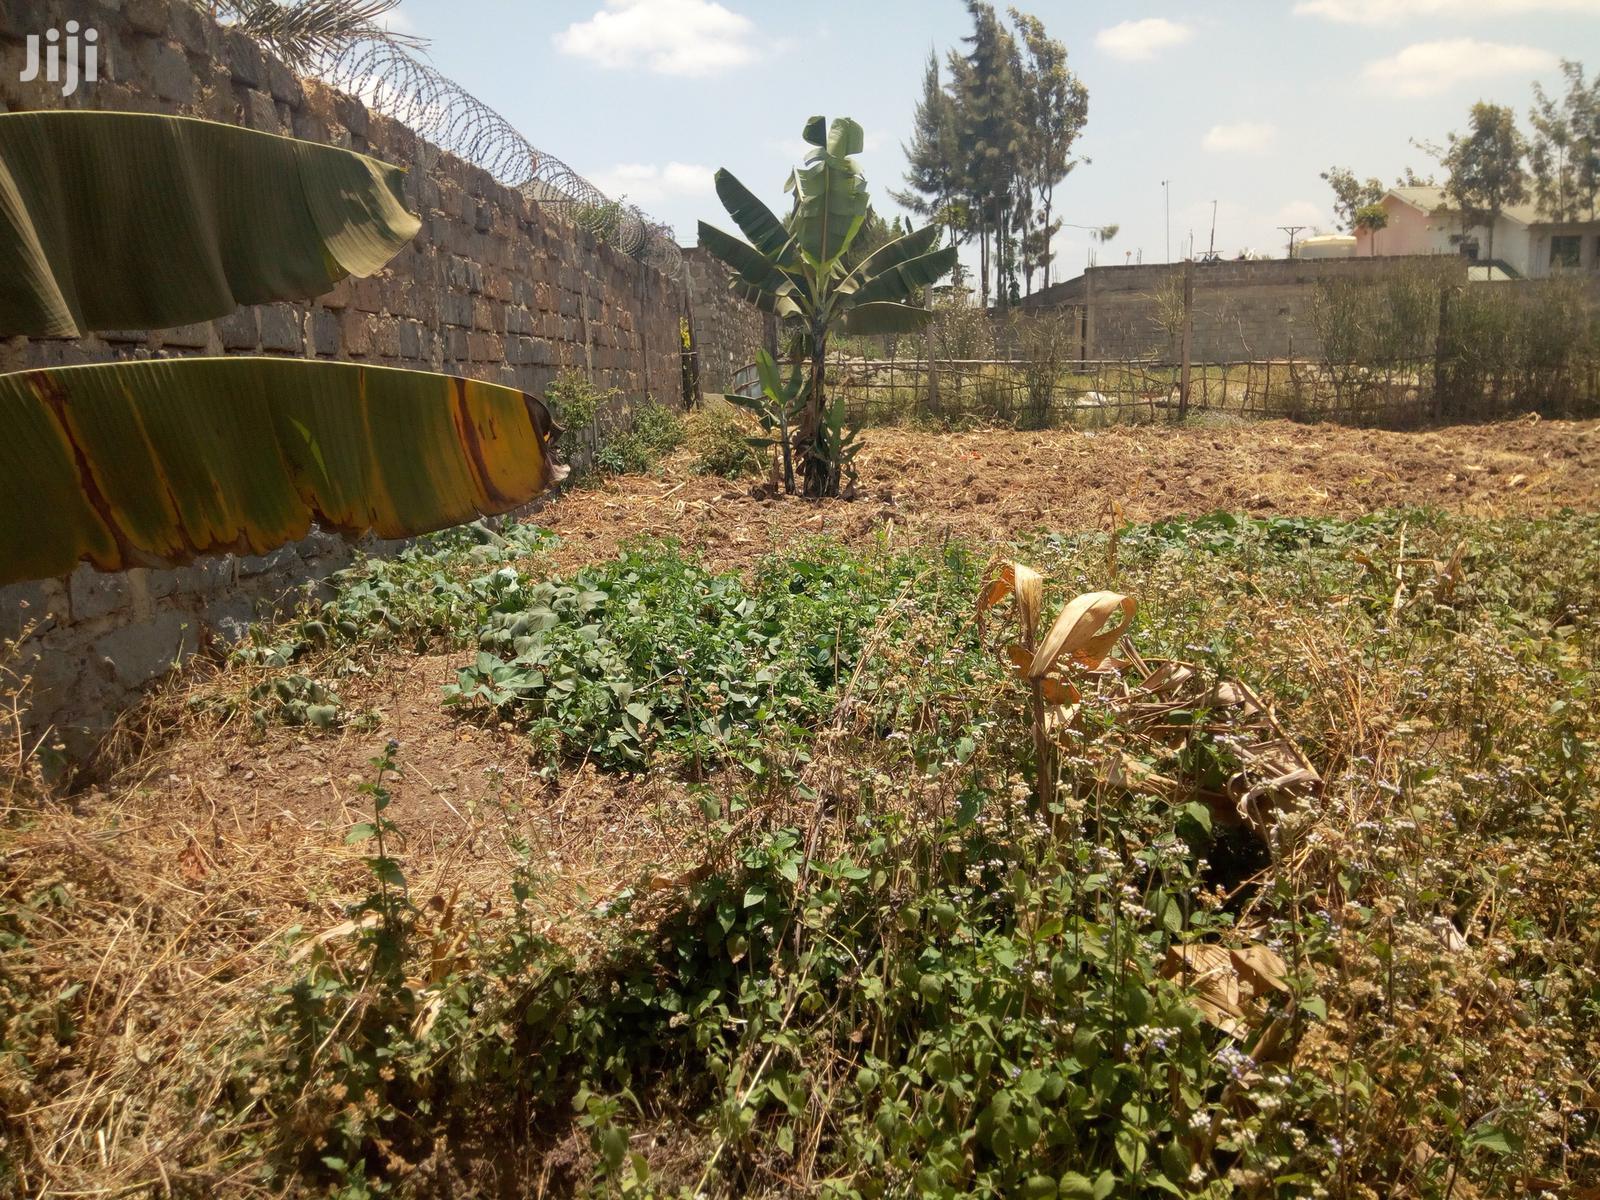 Prime Land 50 By 100. Ruiru Easternbypass | Land & Plots For Sale for sale in Ruiru, Kiambu, Kenya